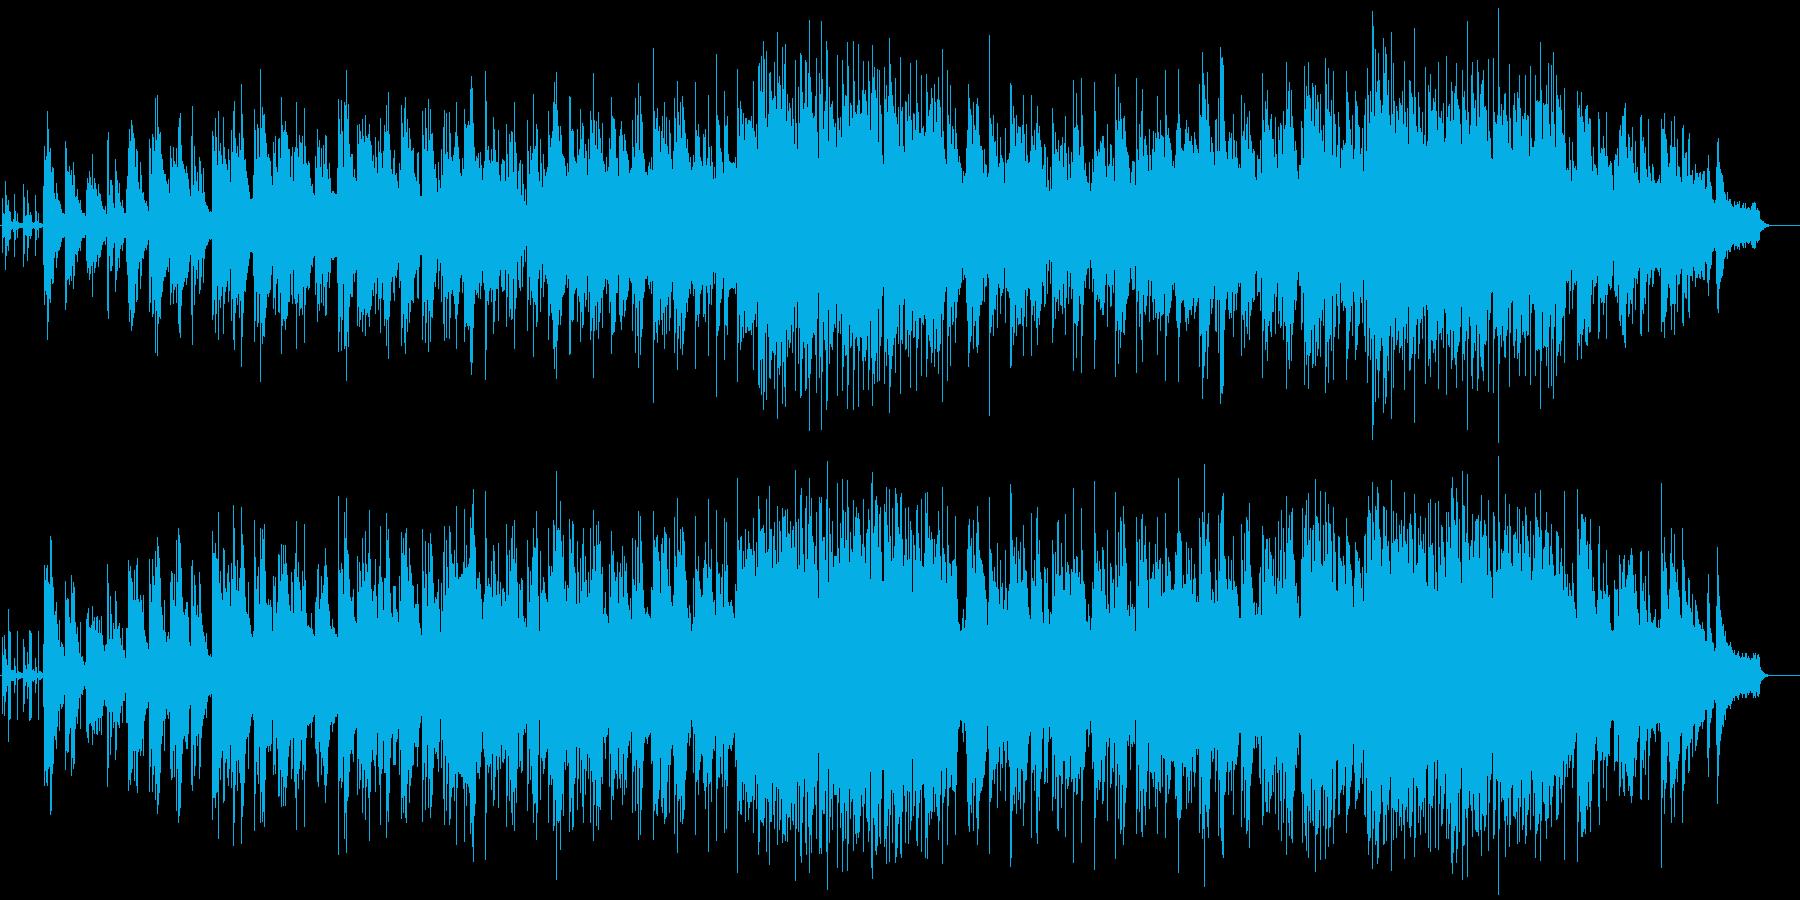 クライマックスを飾るドラマチックバラードの再生済みの波形